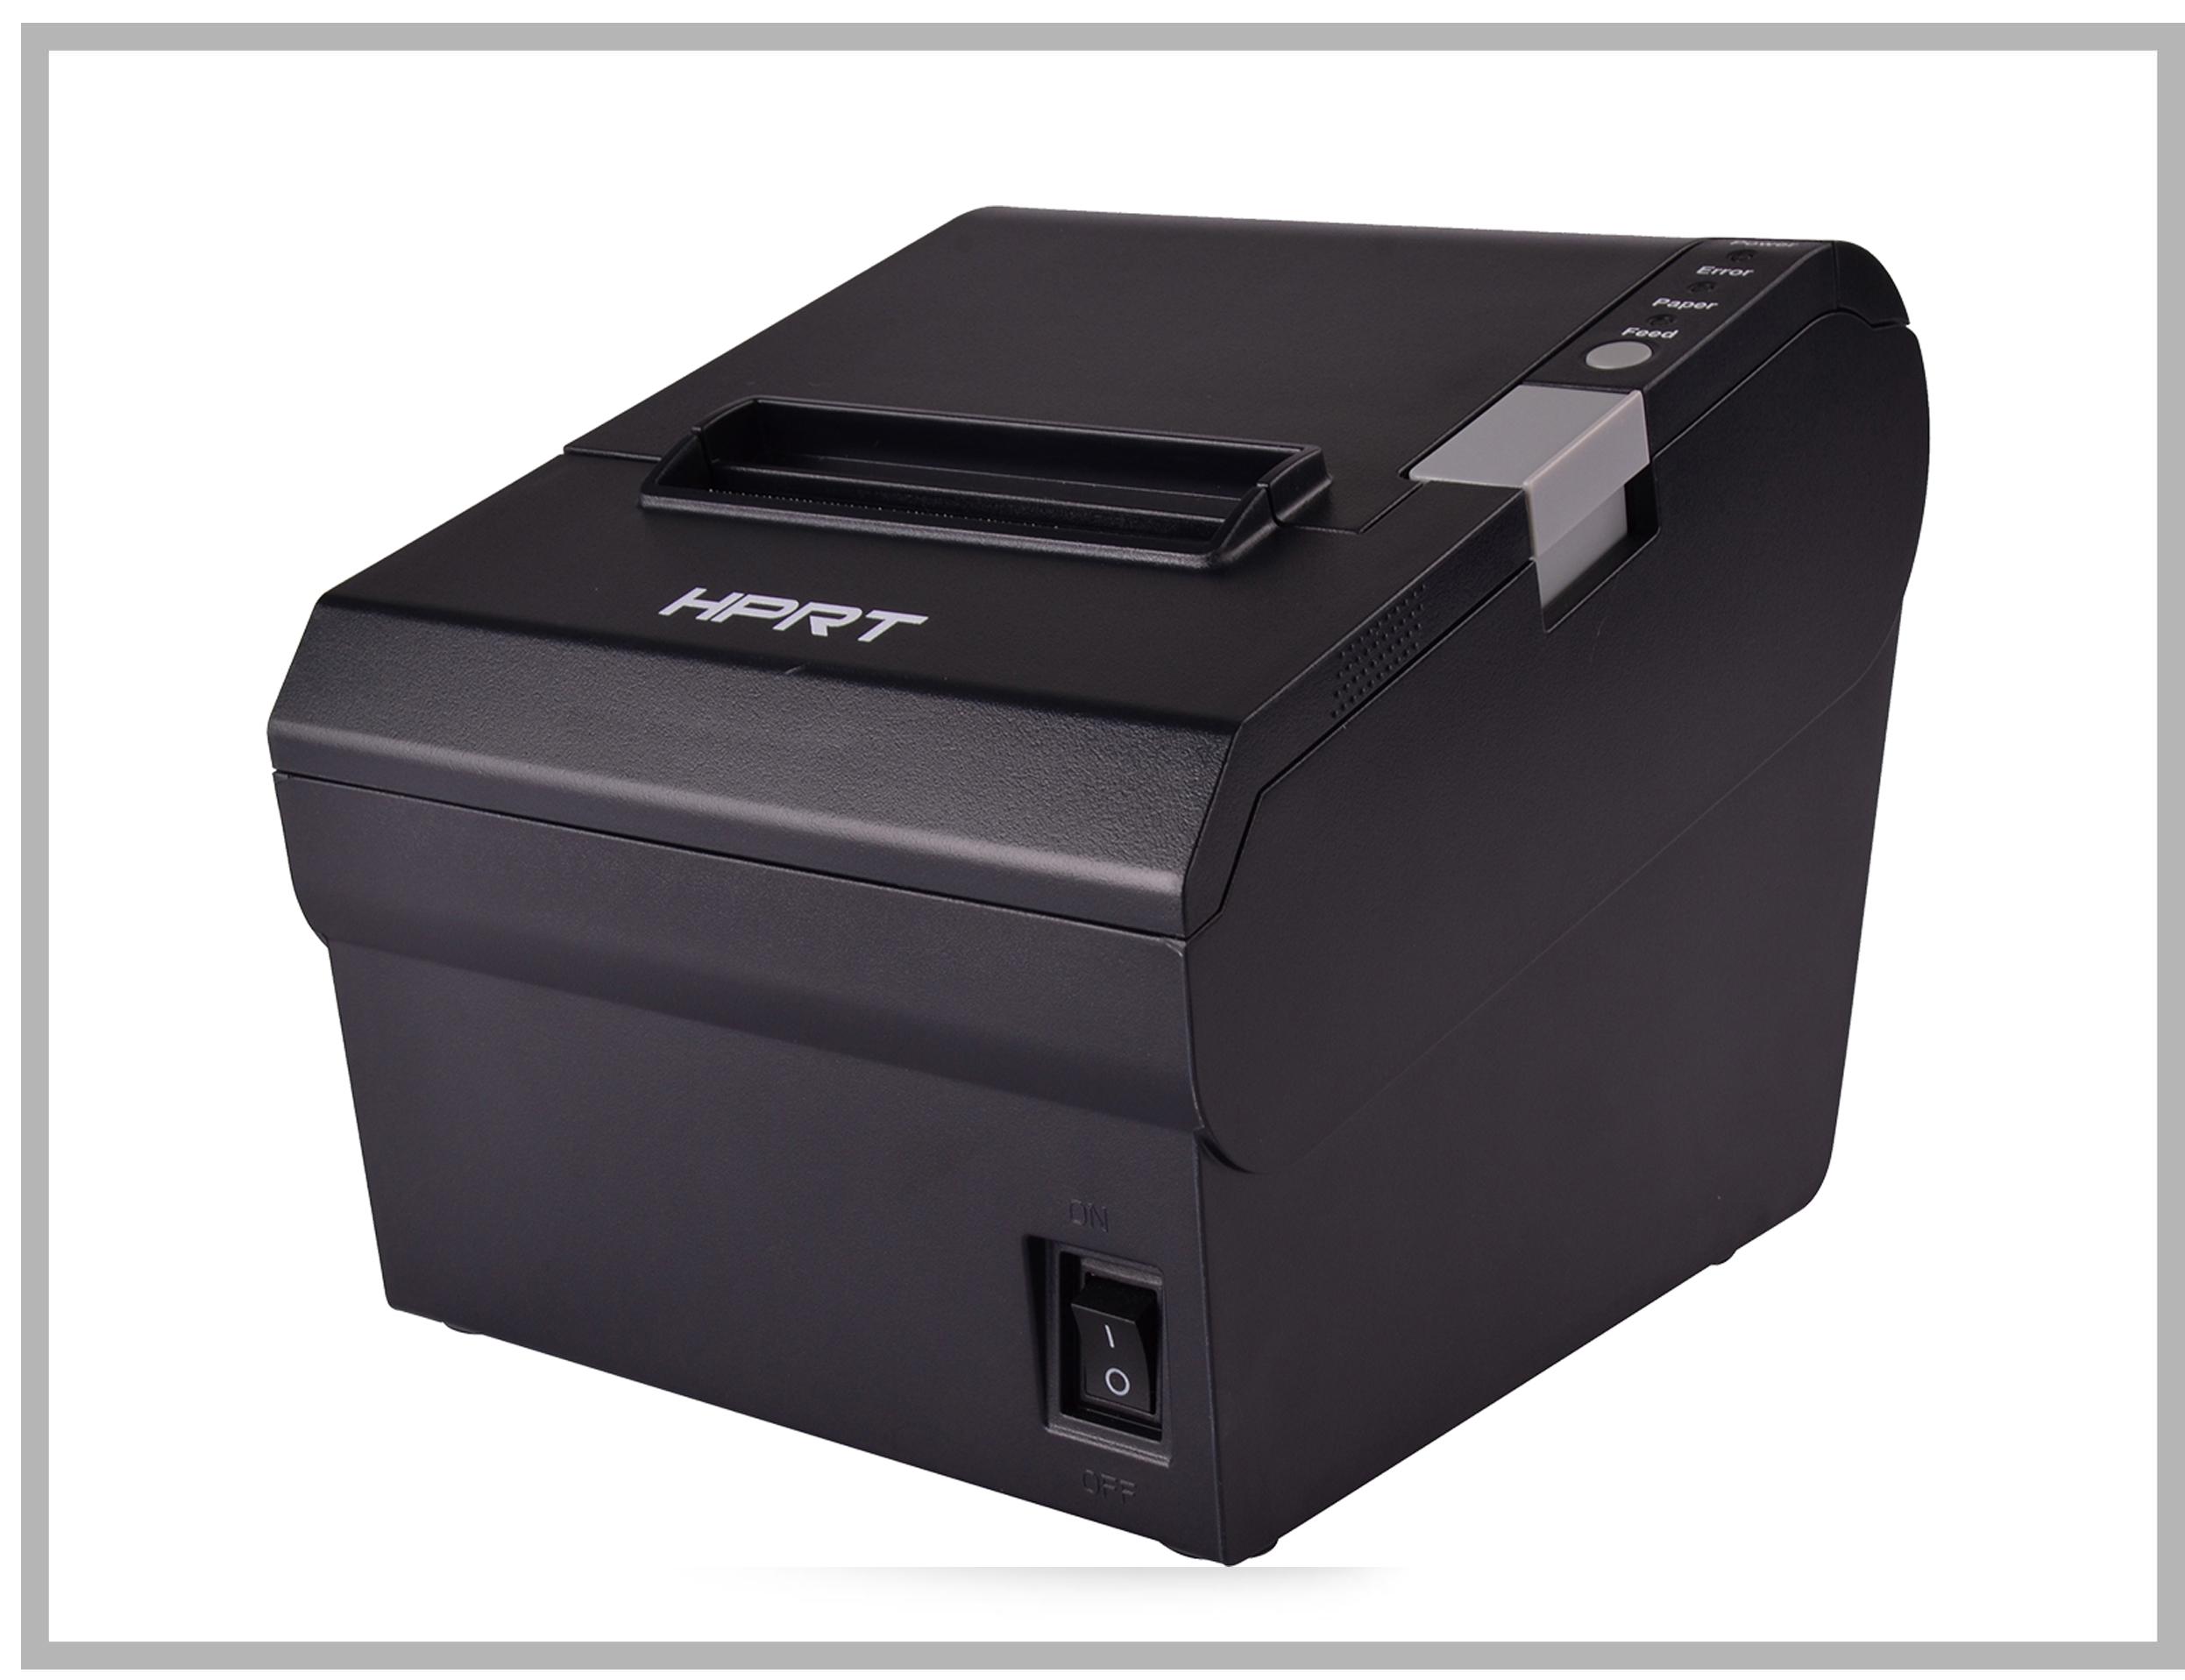 Imprimante HPRT 805